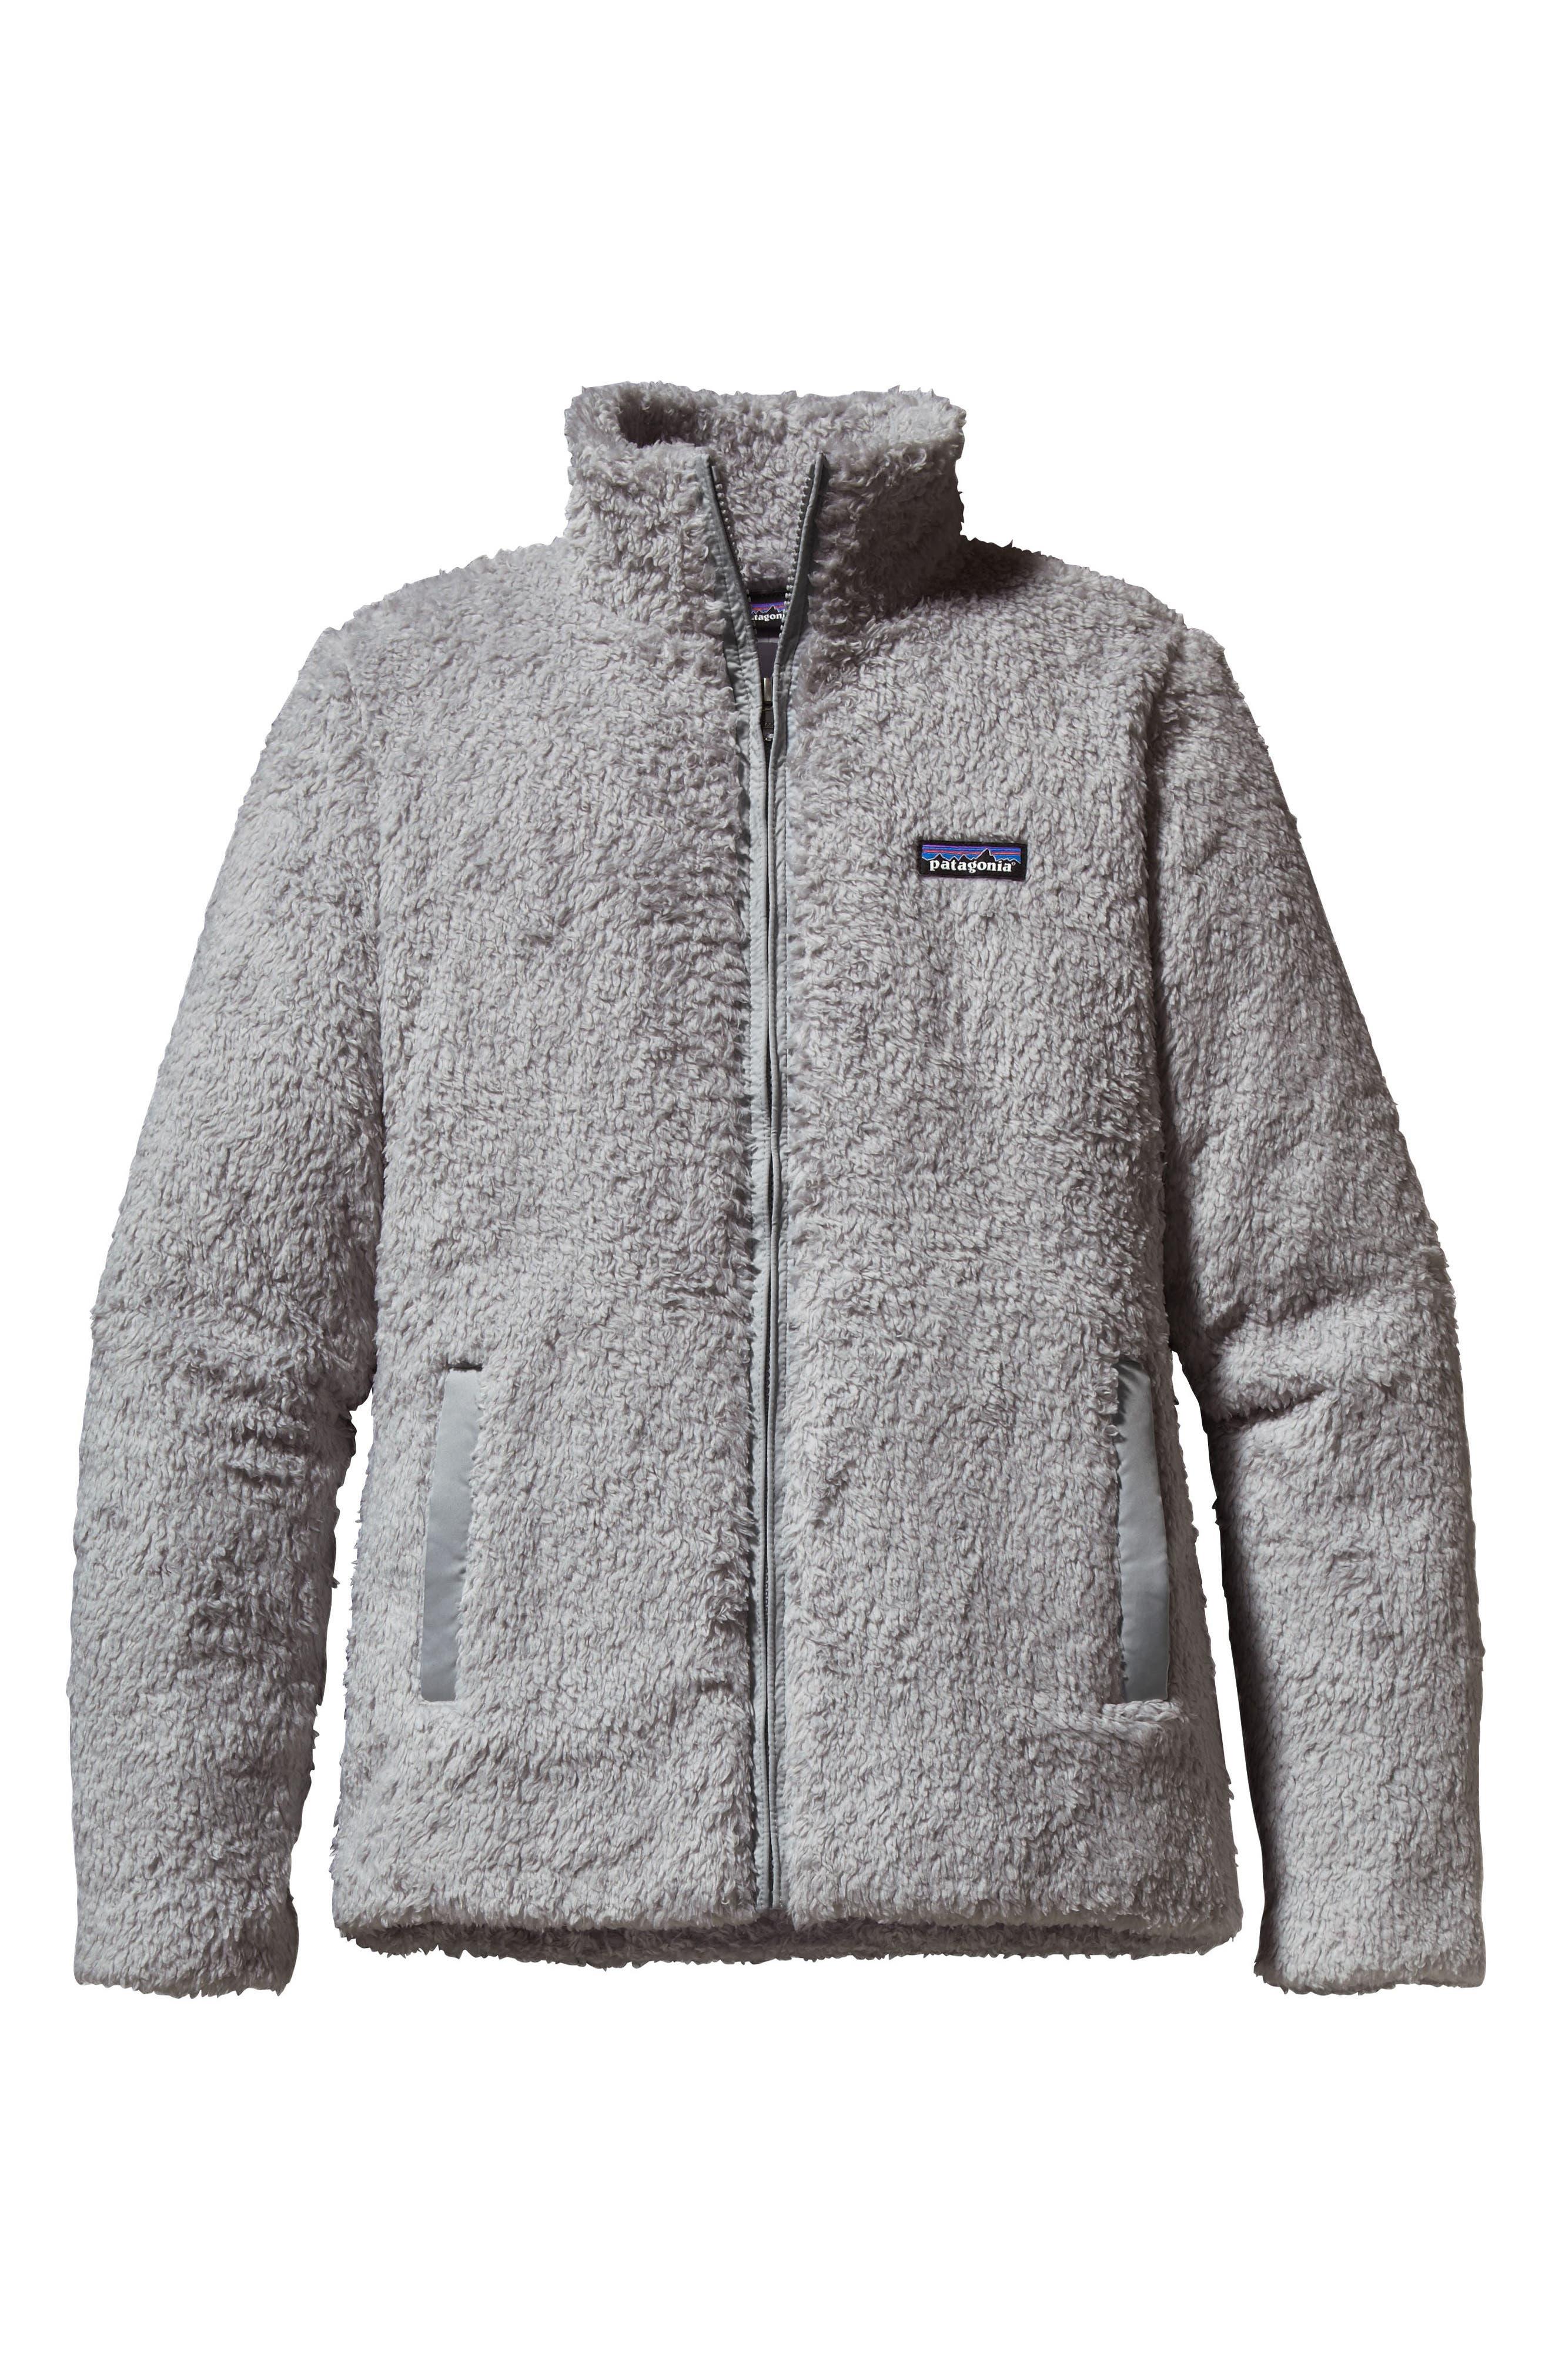 Los Gatos Fleece Jacket,                         Main,                         color, DRIFT GREY